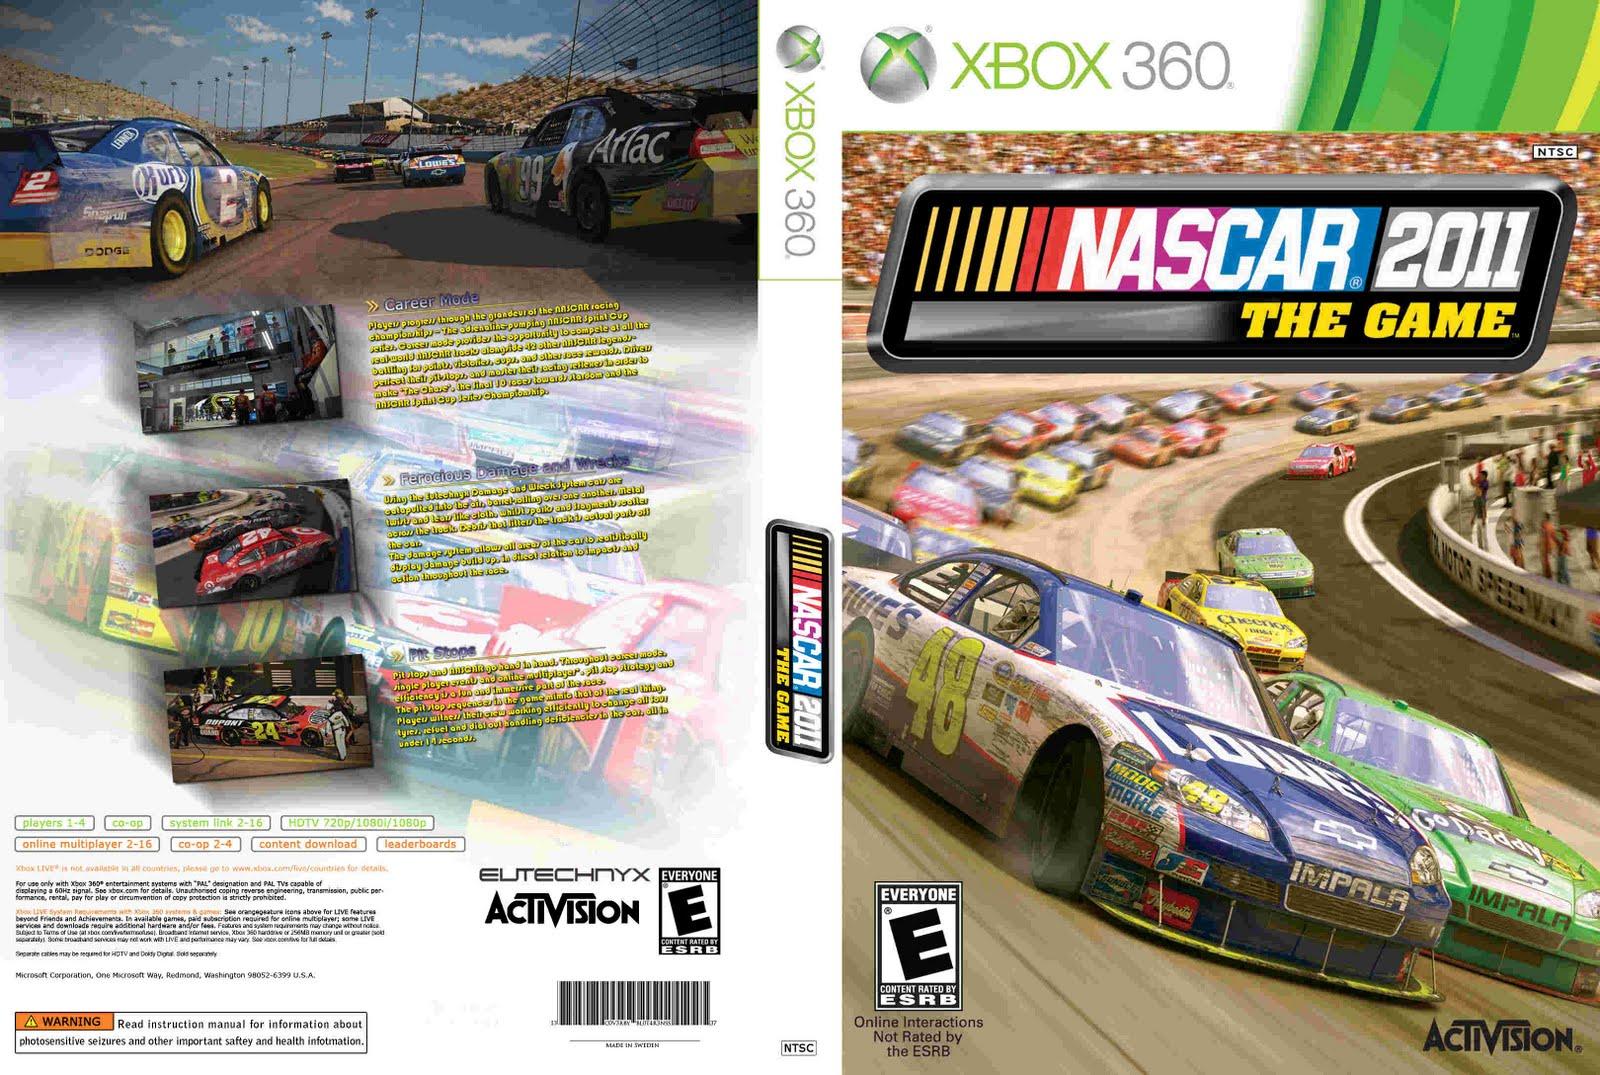 http://4.bp.blogspot.com/-6OE2pYshus0/Tbnrybb4xBI/AAAAAAAAAXo/7OEHGCm2UXU/s1600/NASCAR_2011.jpg